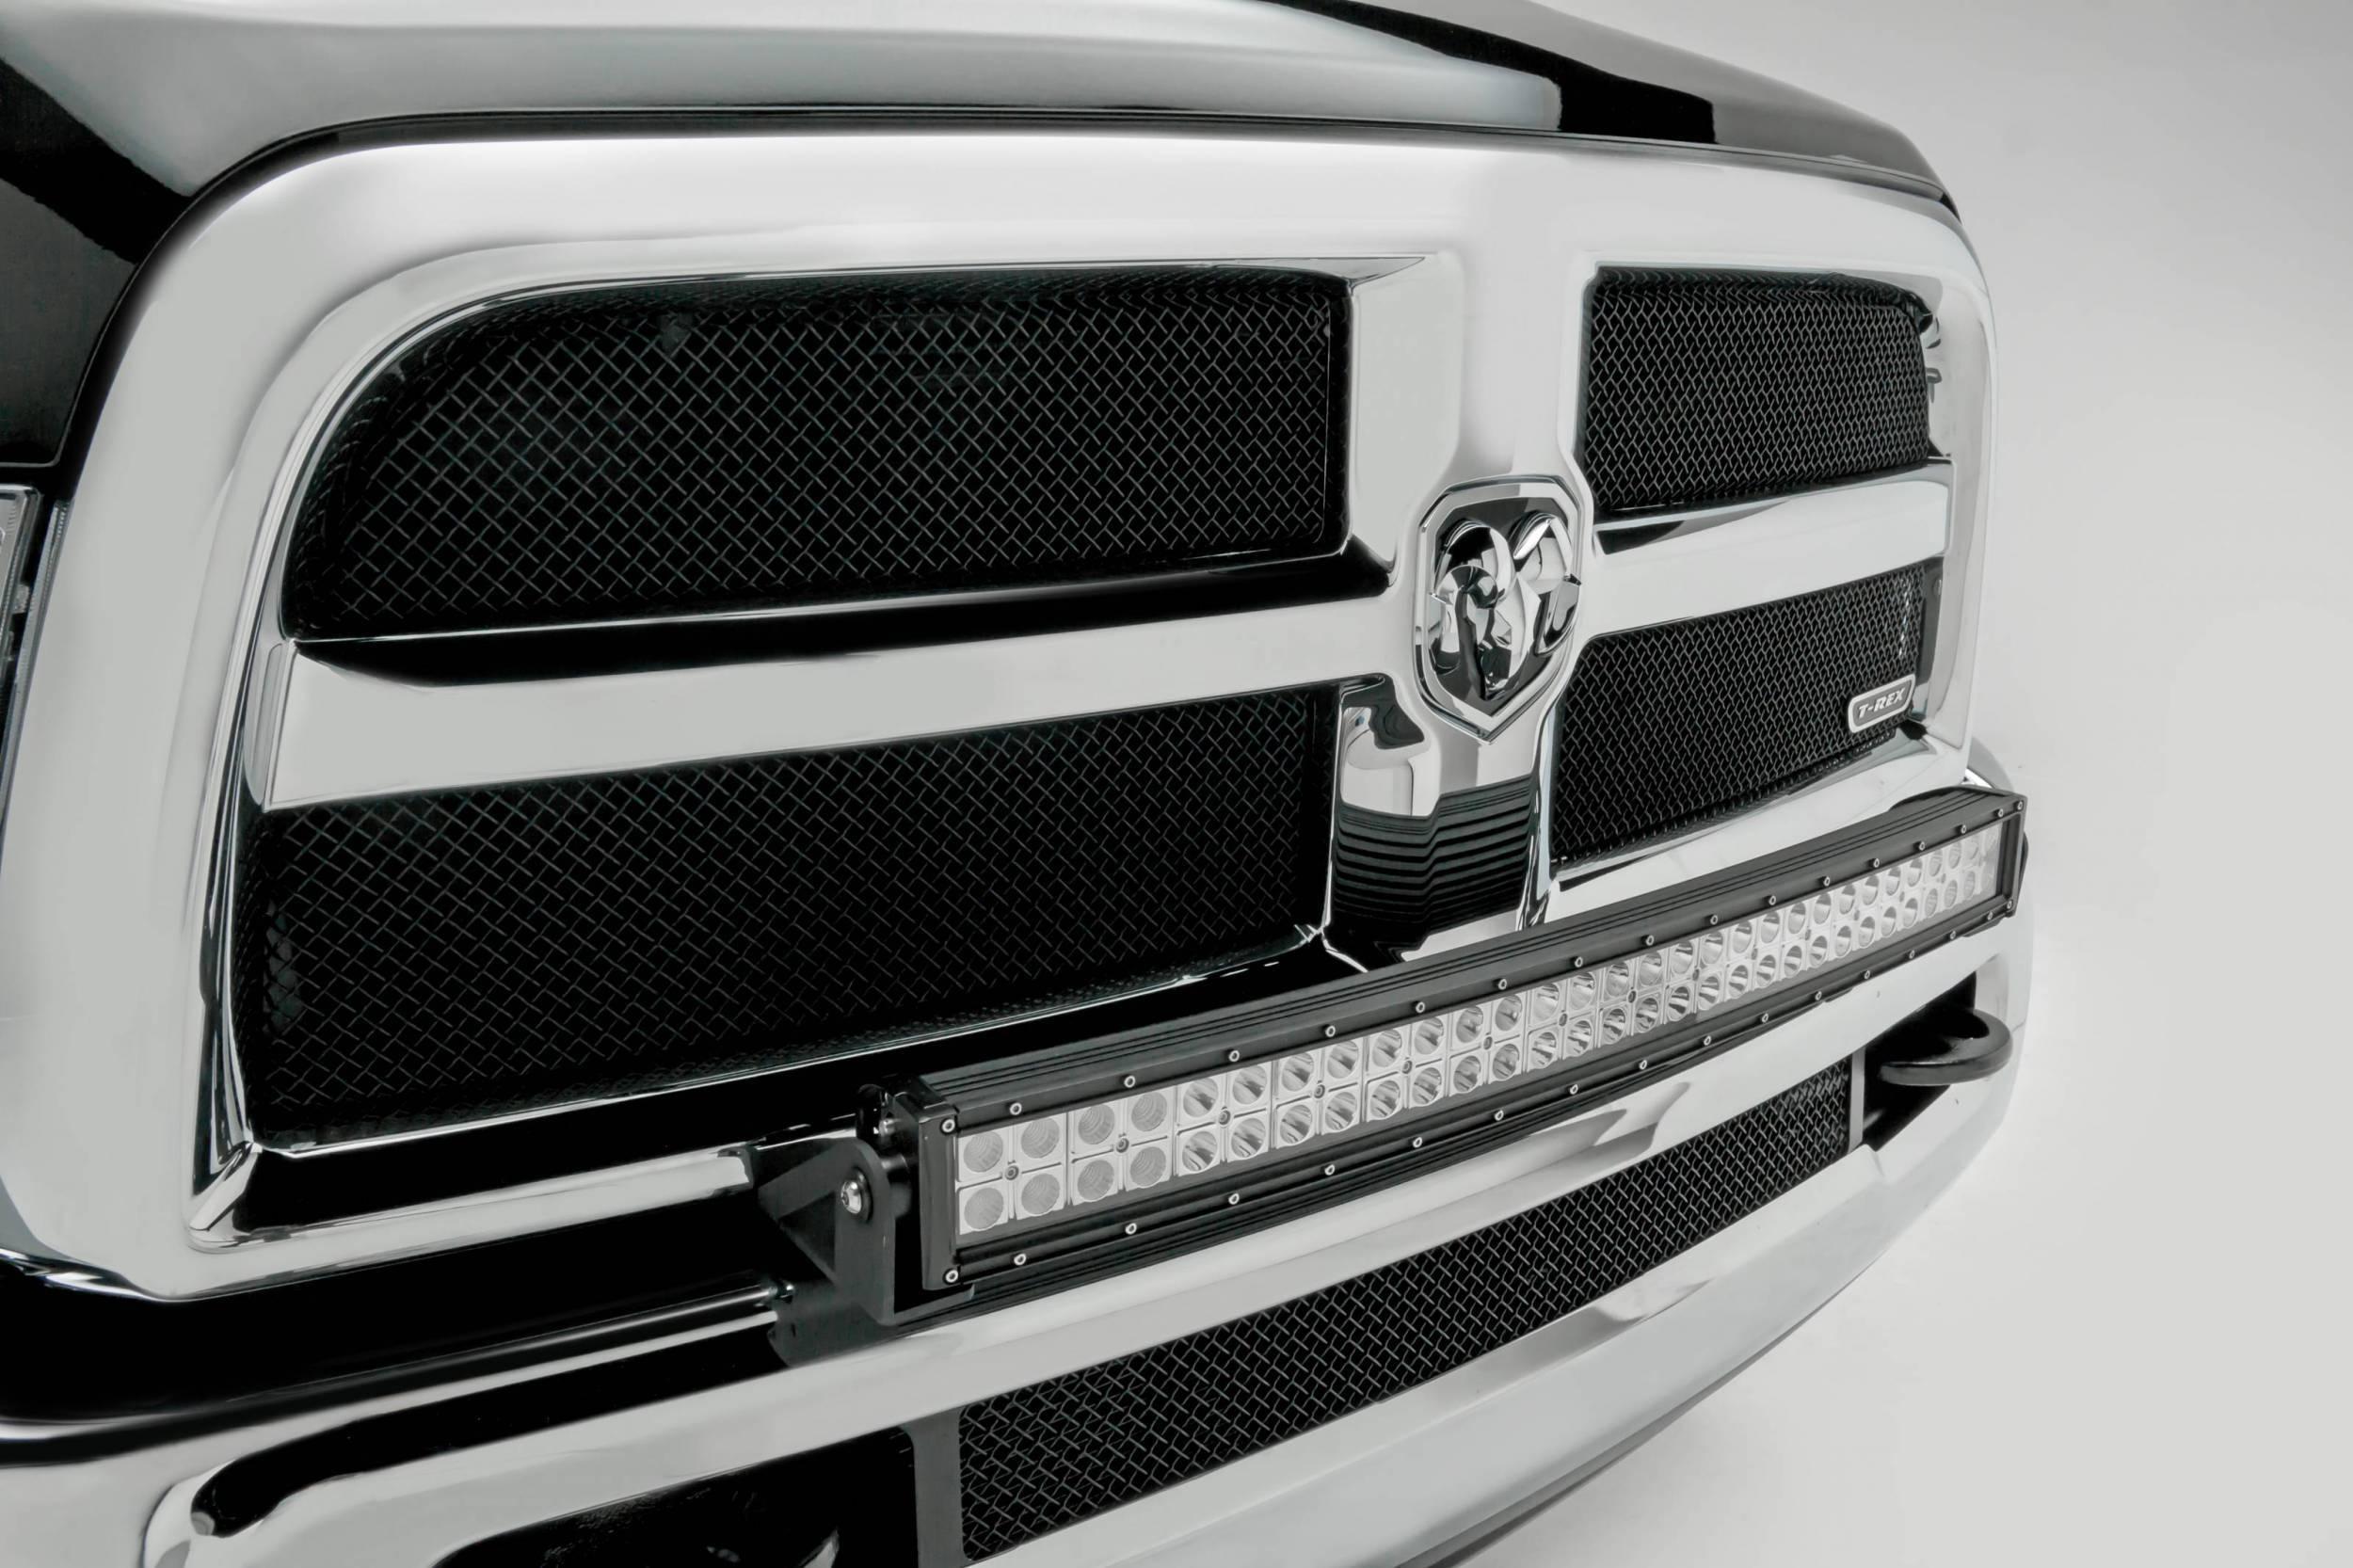 2010 2018 Ram 2500 3500 Front Bumper Top Led Bracket To Mount 1 30 Inch Led Light Bar Pn Z324522